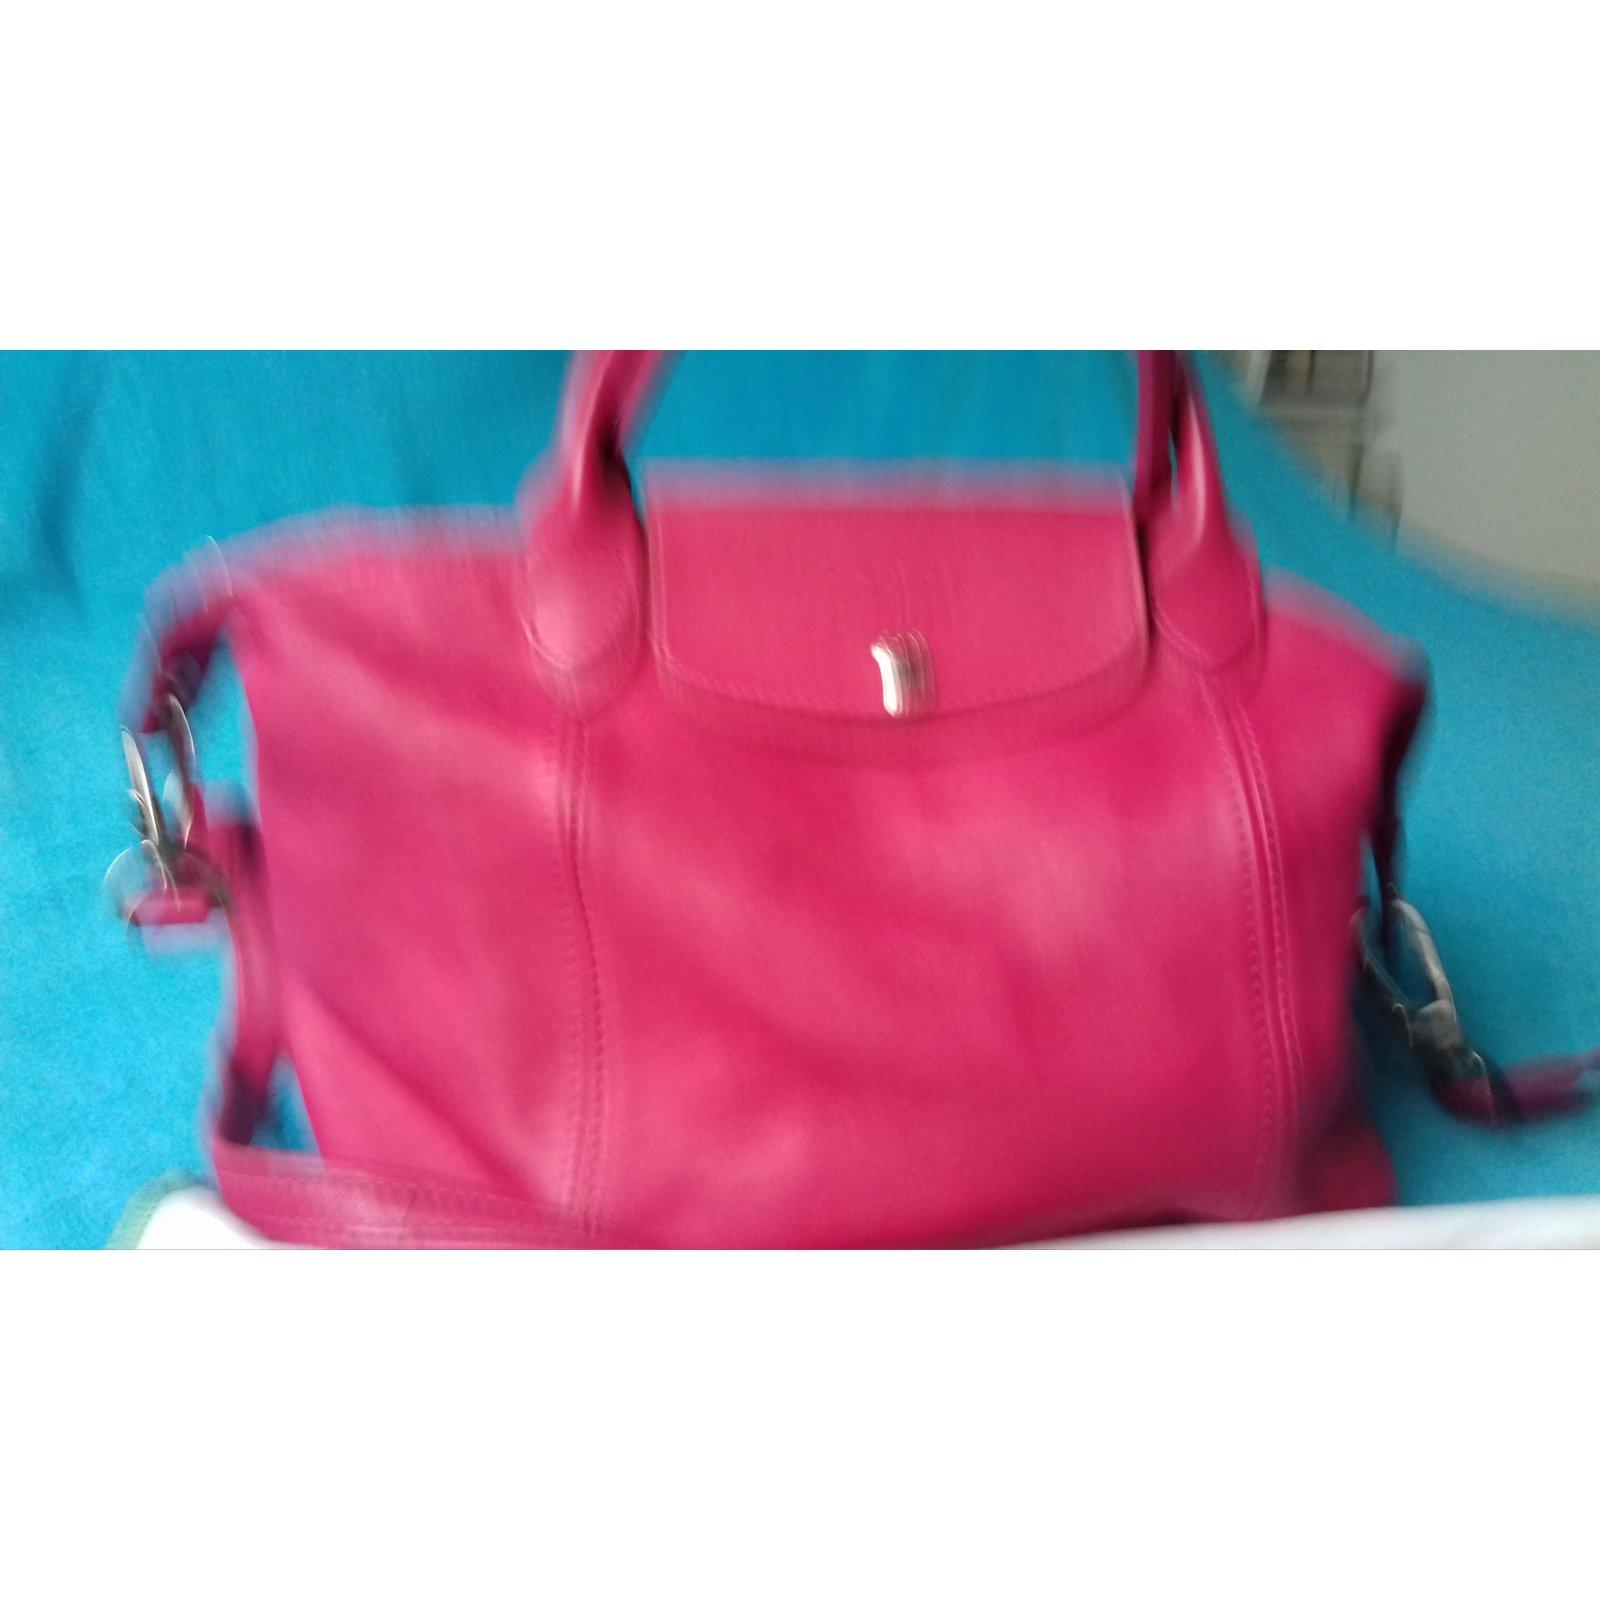 Longchamp Tasche Tasche Mit Mit Schultergurt Longchamp rxBoeWQdCE